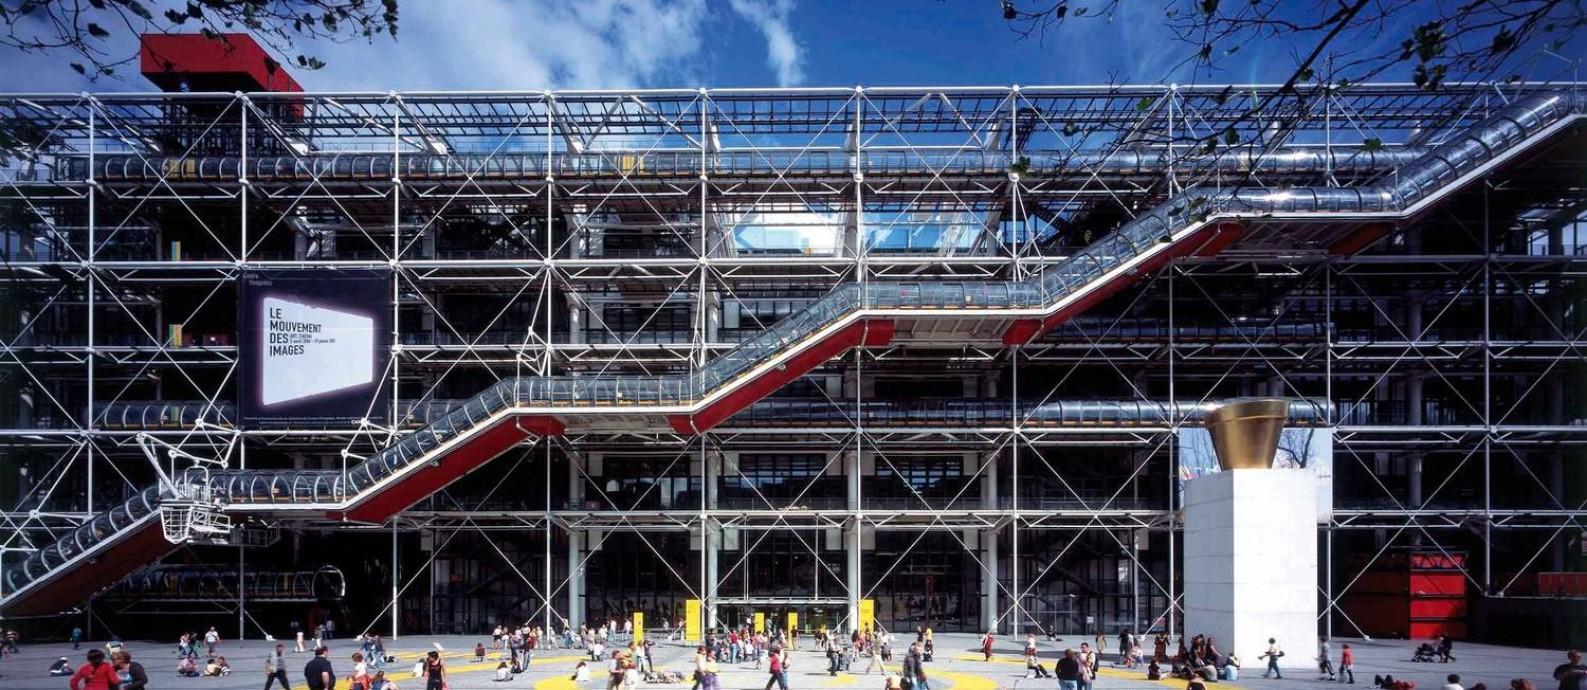 Fachada do Centre George Pompidou, em Paris, projetado entre 1971-1977 Foto: Katsuhisa Kida